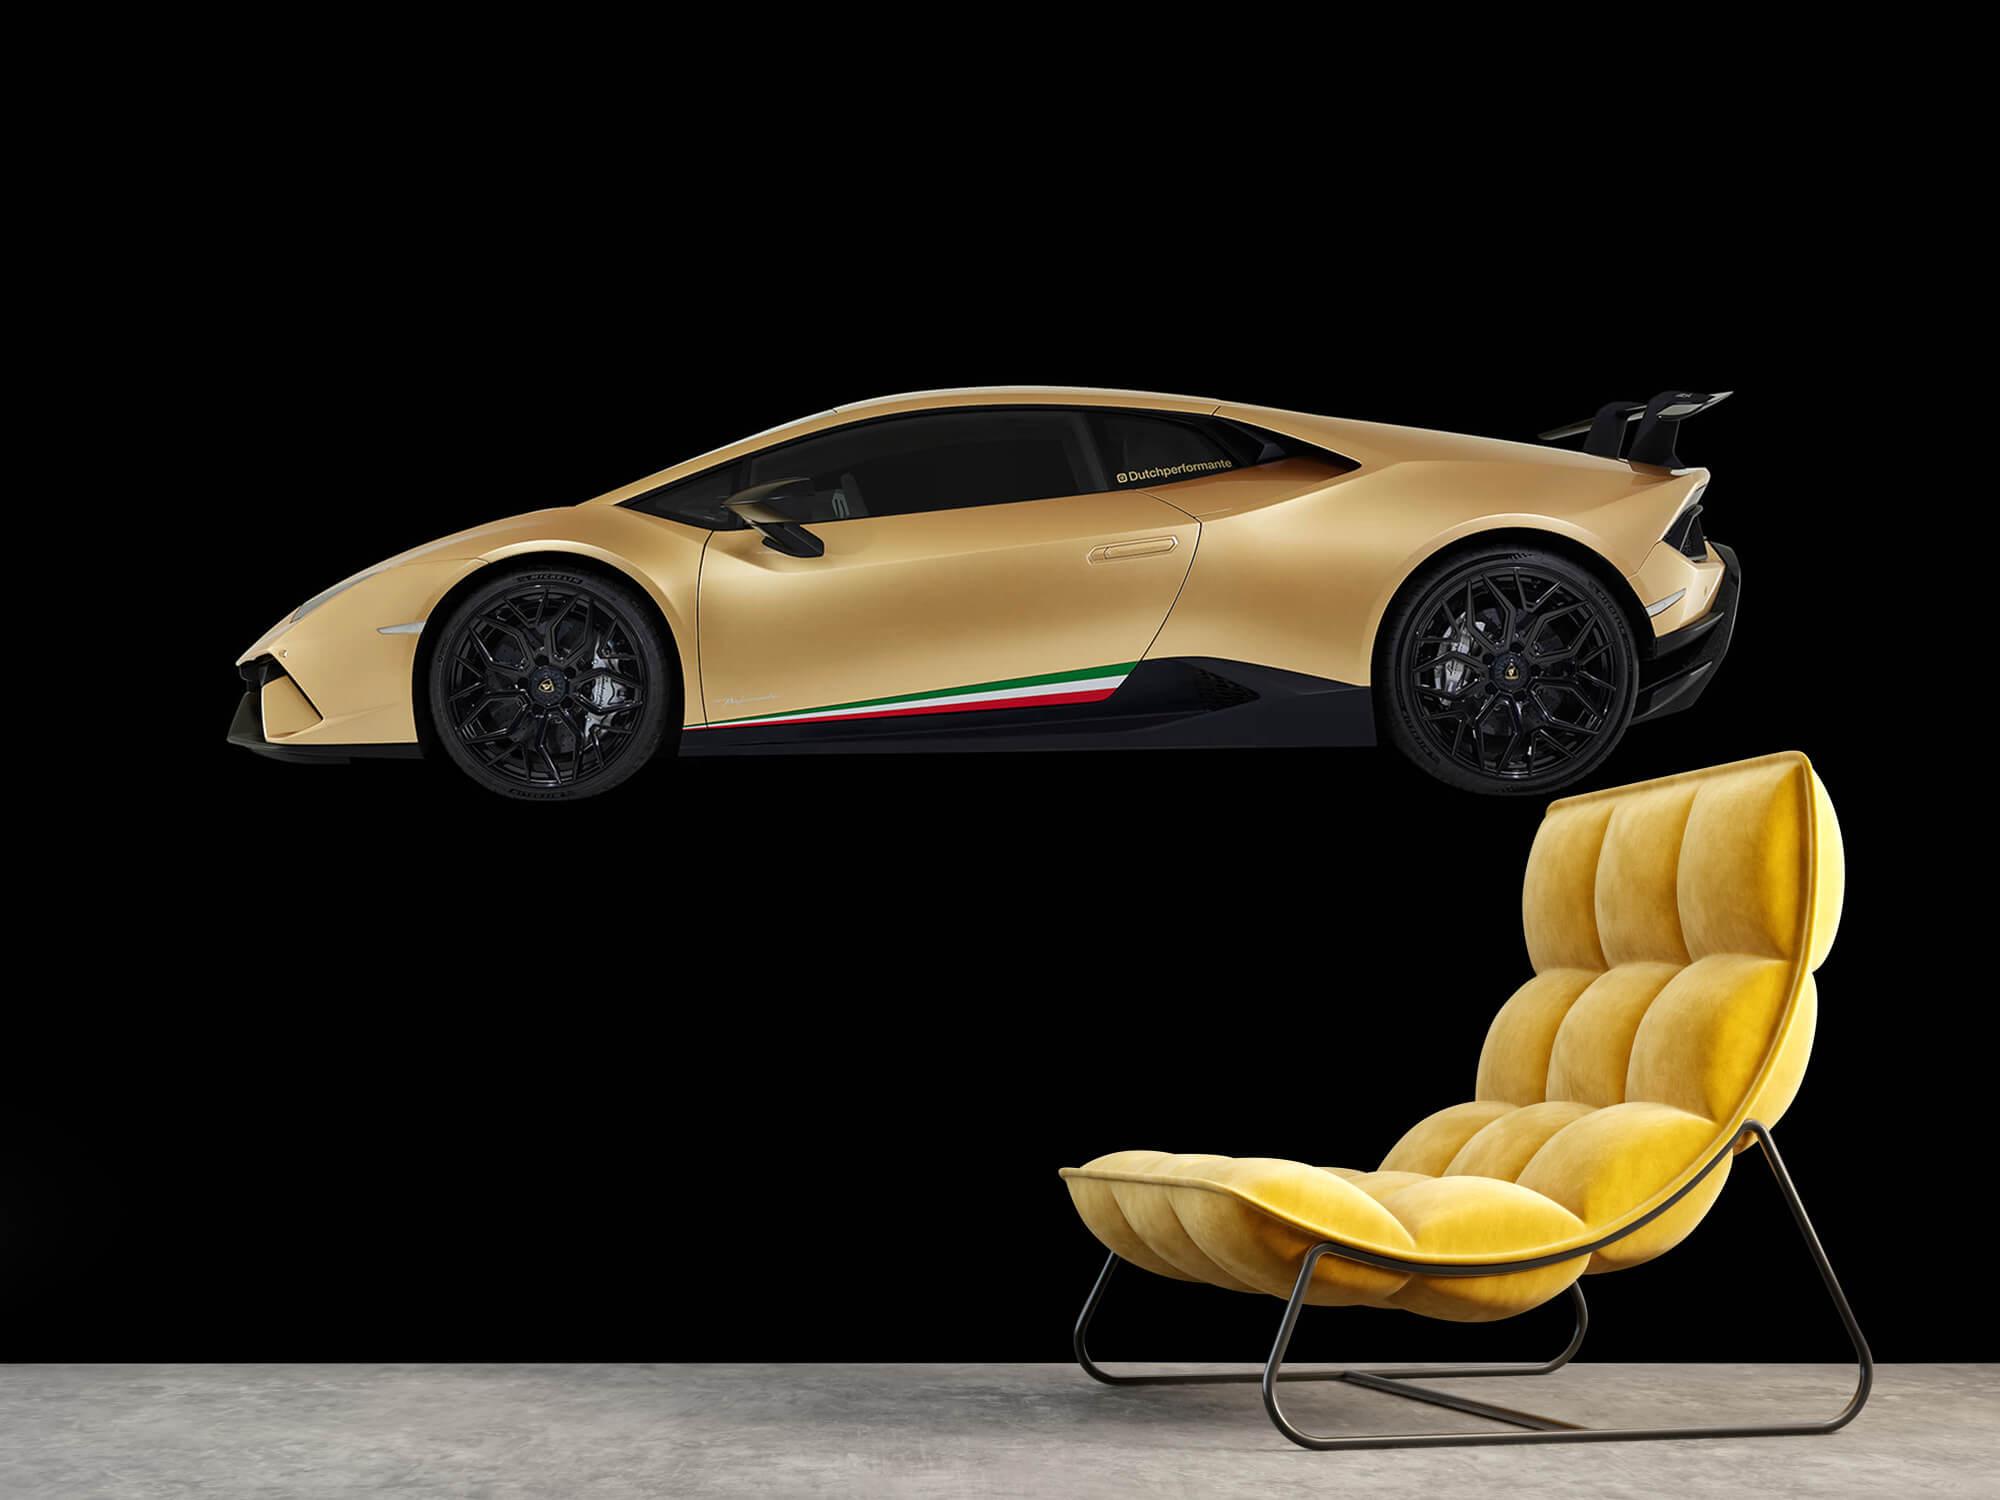 Wallpaper Lamborghini Huracán - Sida, svart 3